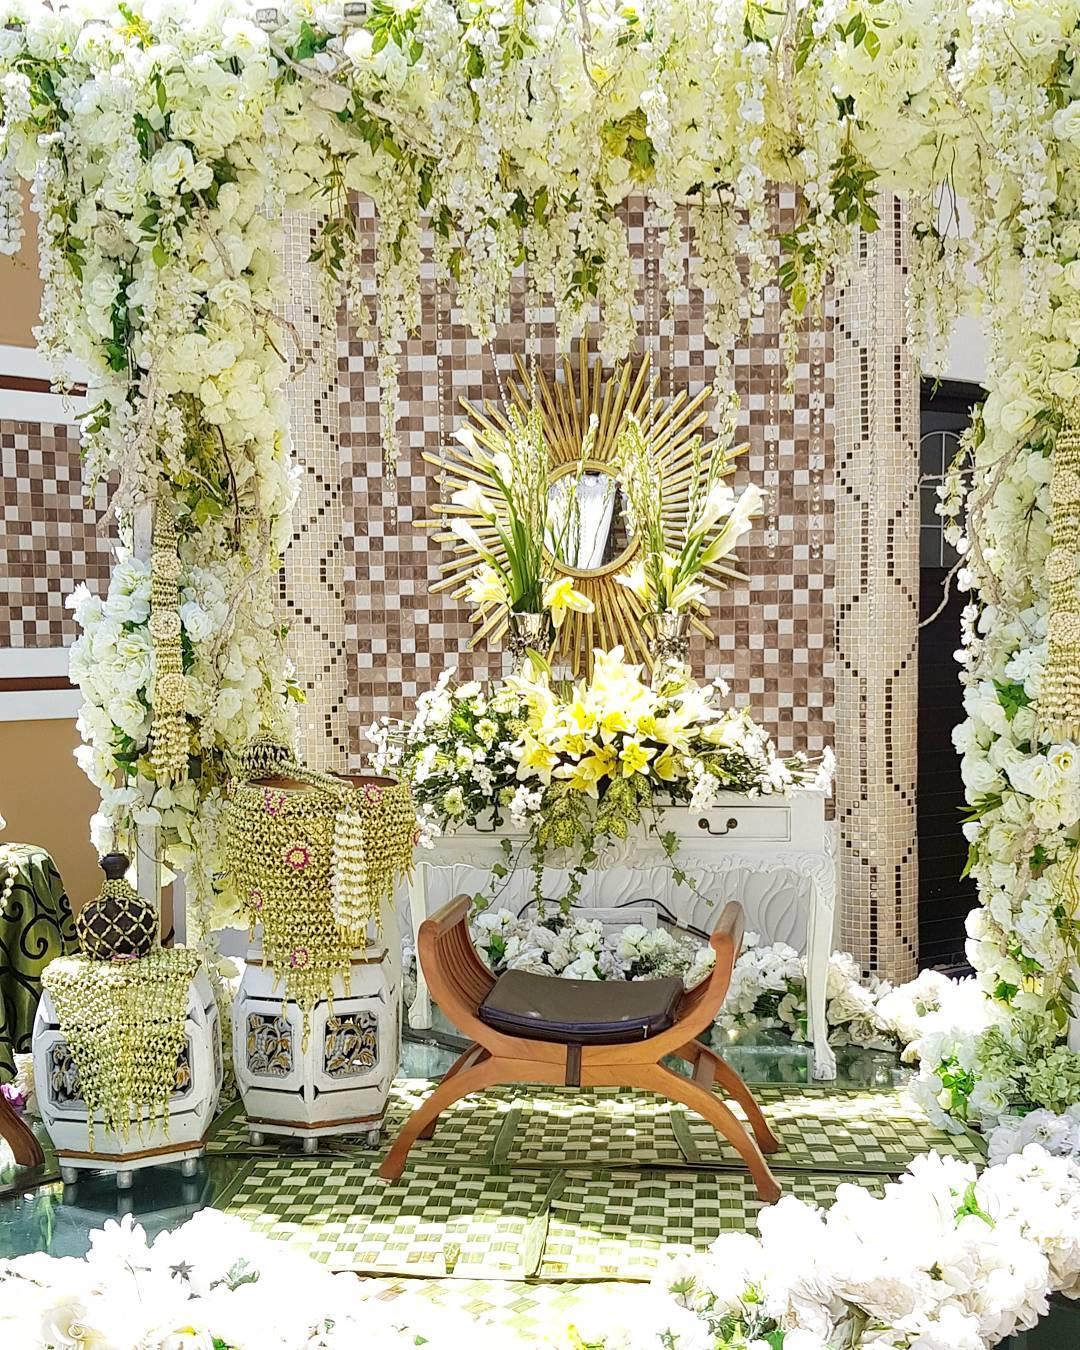 Dekorasi Janur Pengantin : dekorasi, janur, pengantin, Bikin, Jatuh, Hati,, Dekorasi, Siraman, Untuk, Pernikahan